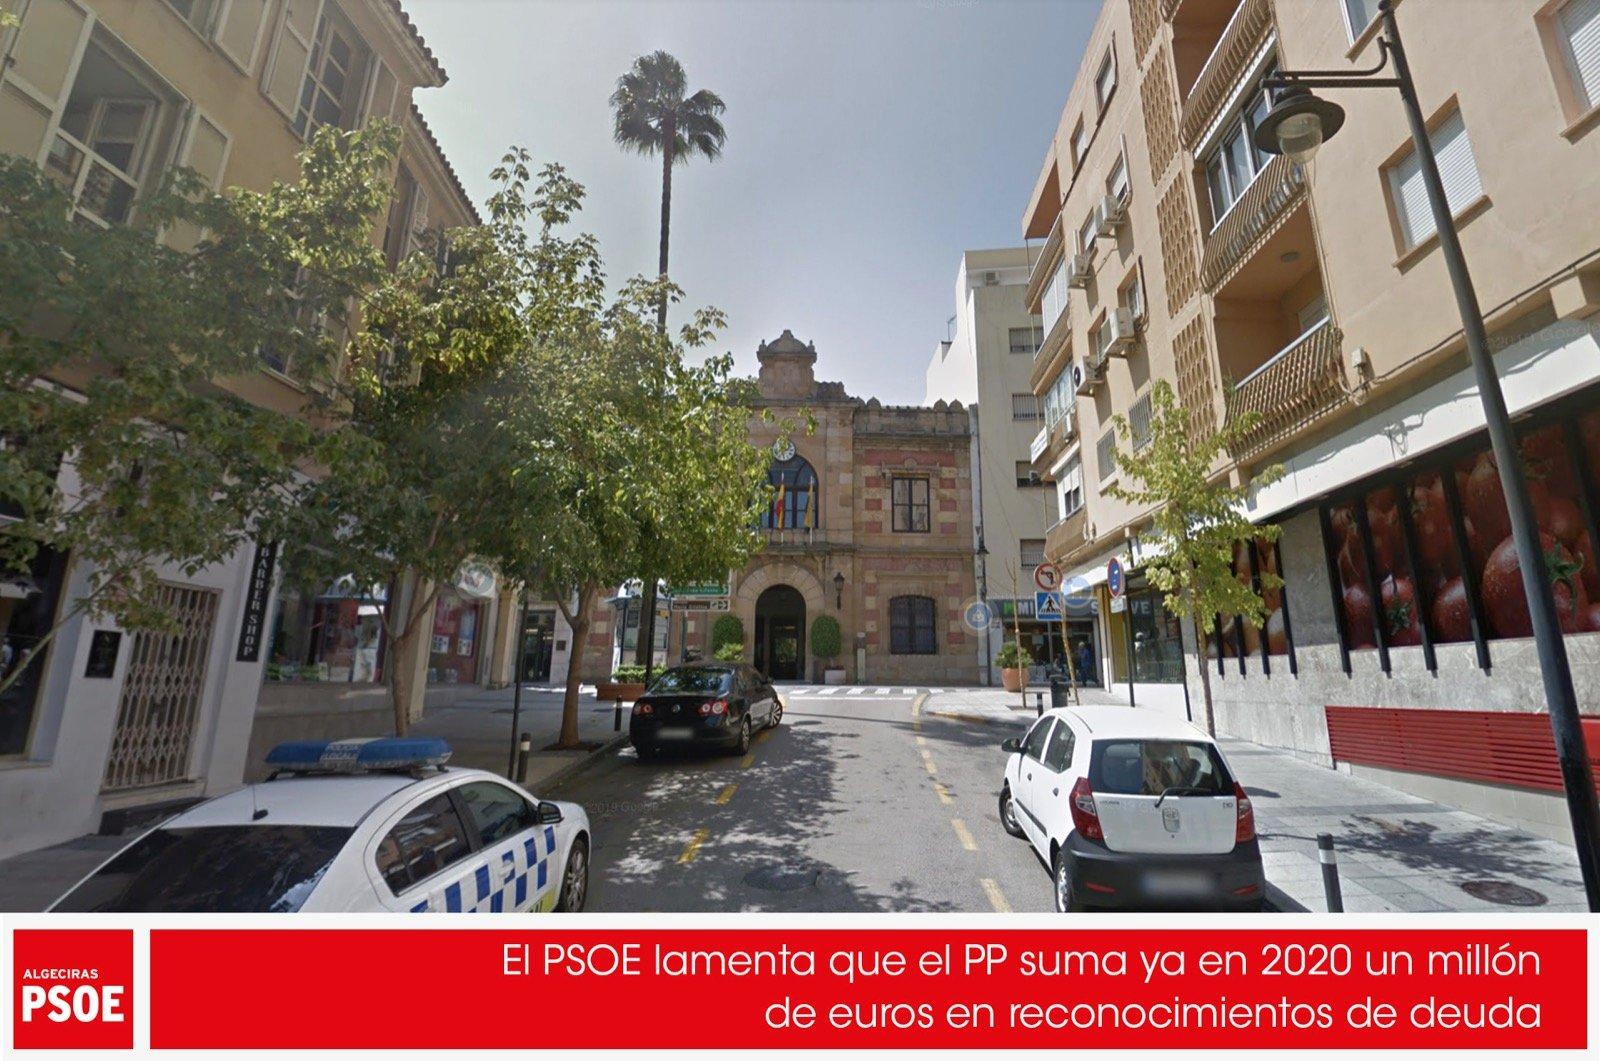 El PSOE lamenta que el PP suma ya en 2020 un millón de euros en reconocimientos de deuda